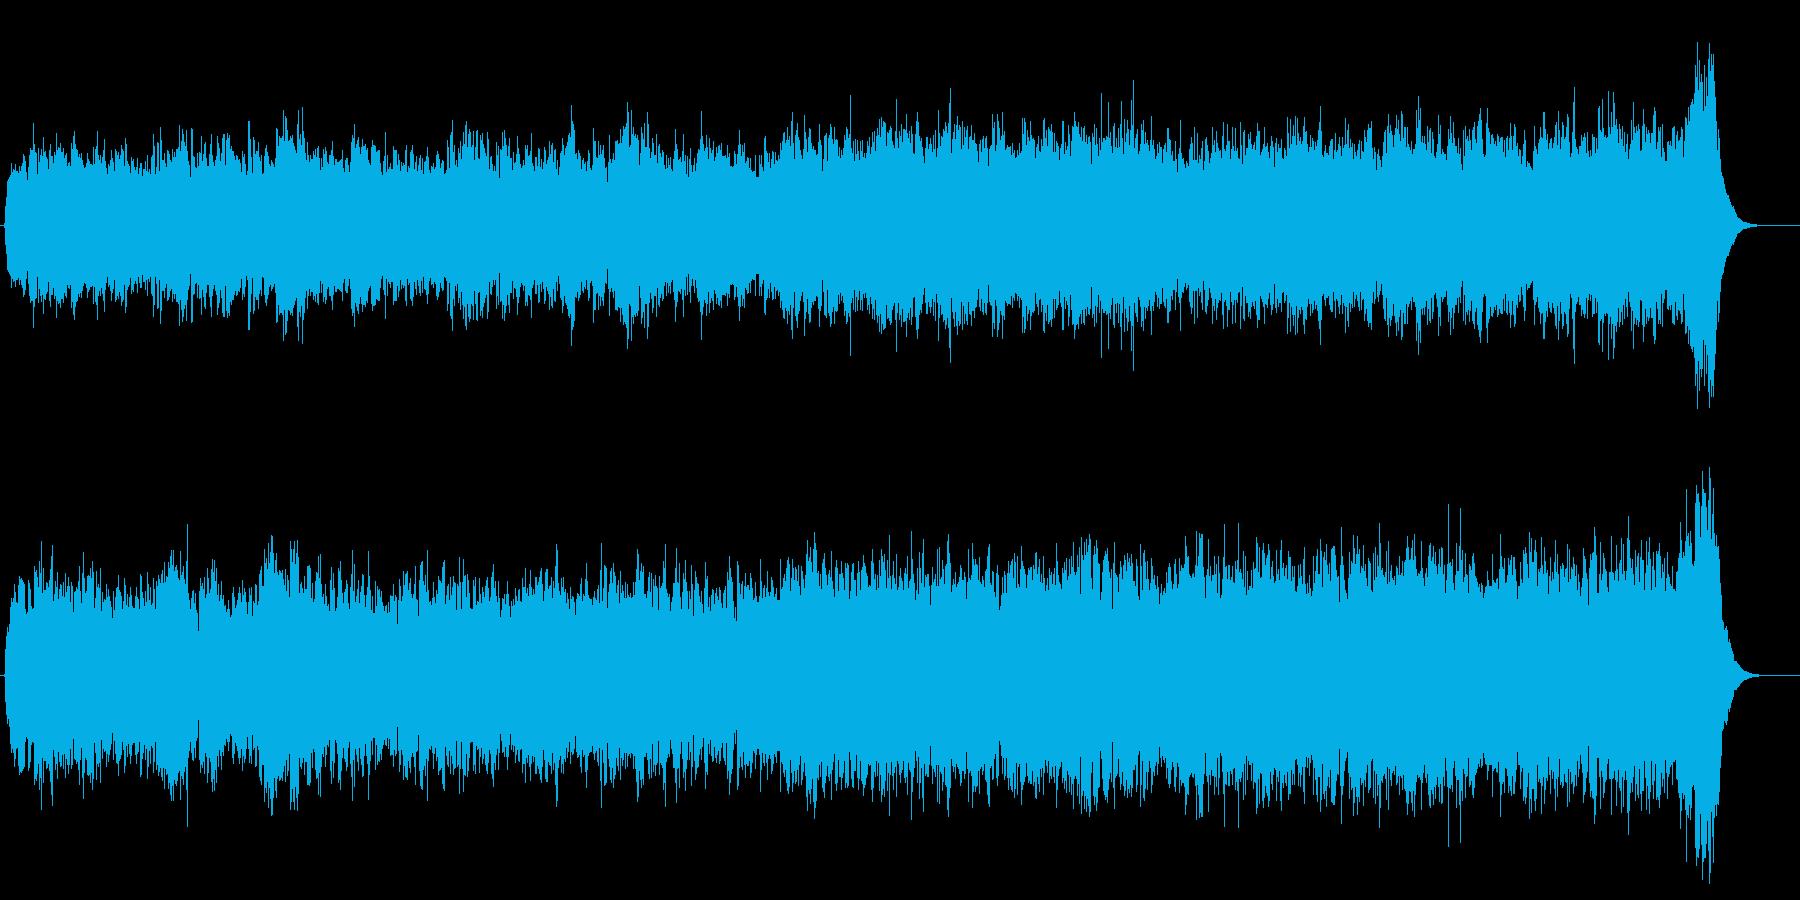 荘厳なパイプオルガンオリジナル曲の再生済みの波形